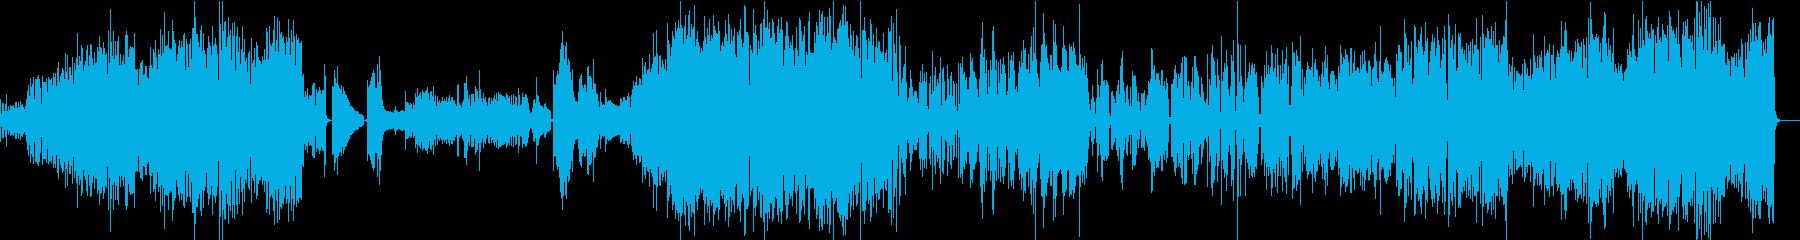 ジャズ楽器。 「こっそり」品質の、...の再生済みの波形